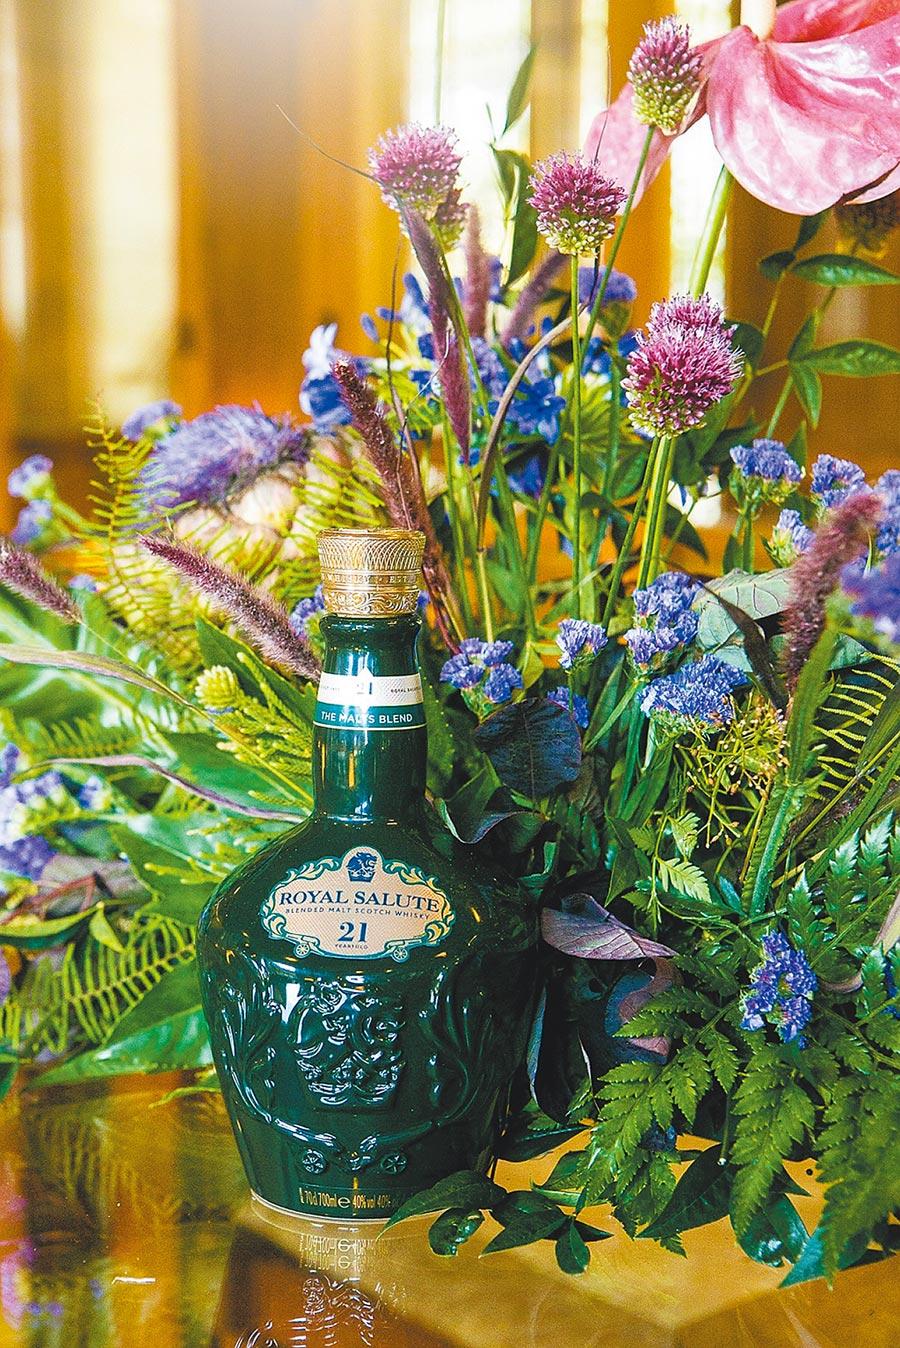 威士忌之王 皇家禮炮穿新衣圖片提供台灣保樂力加